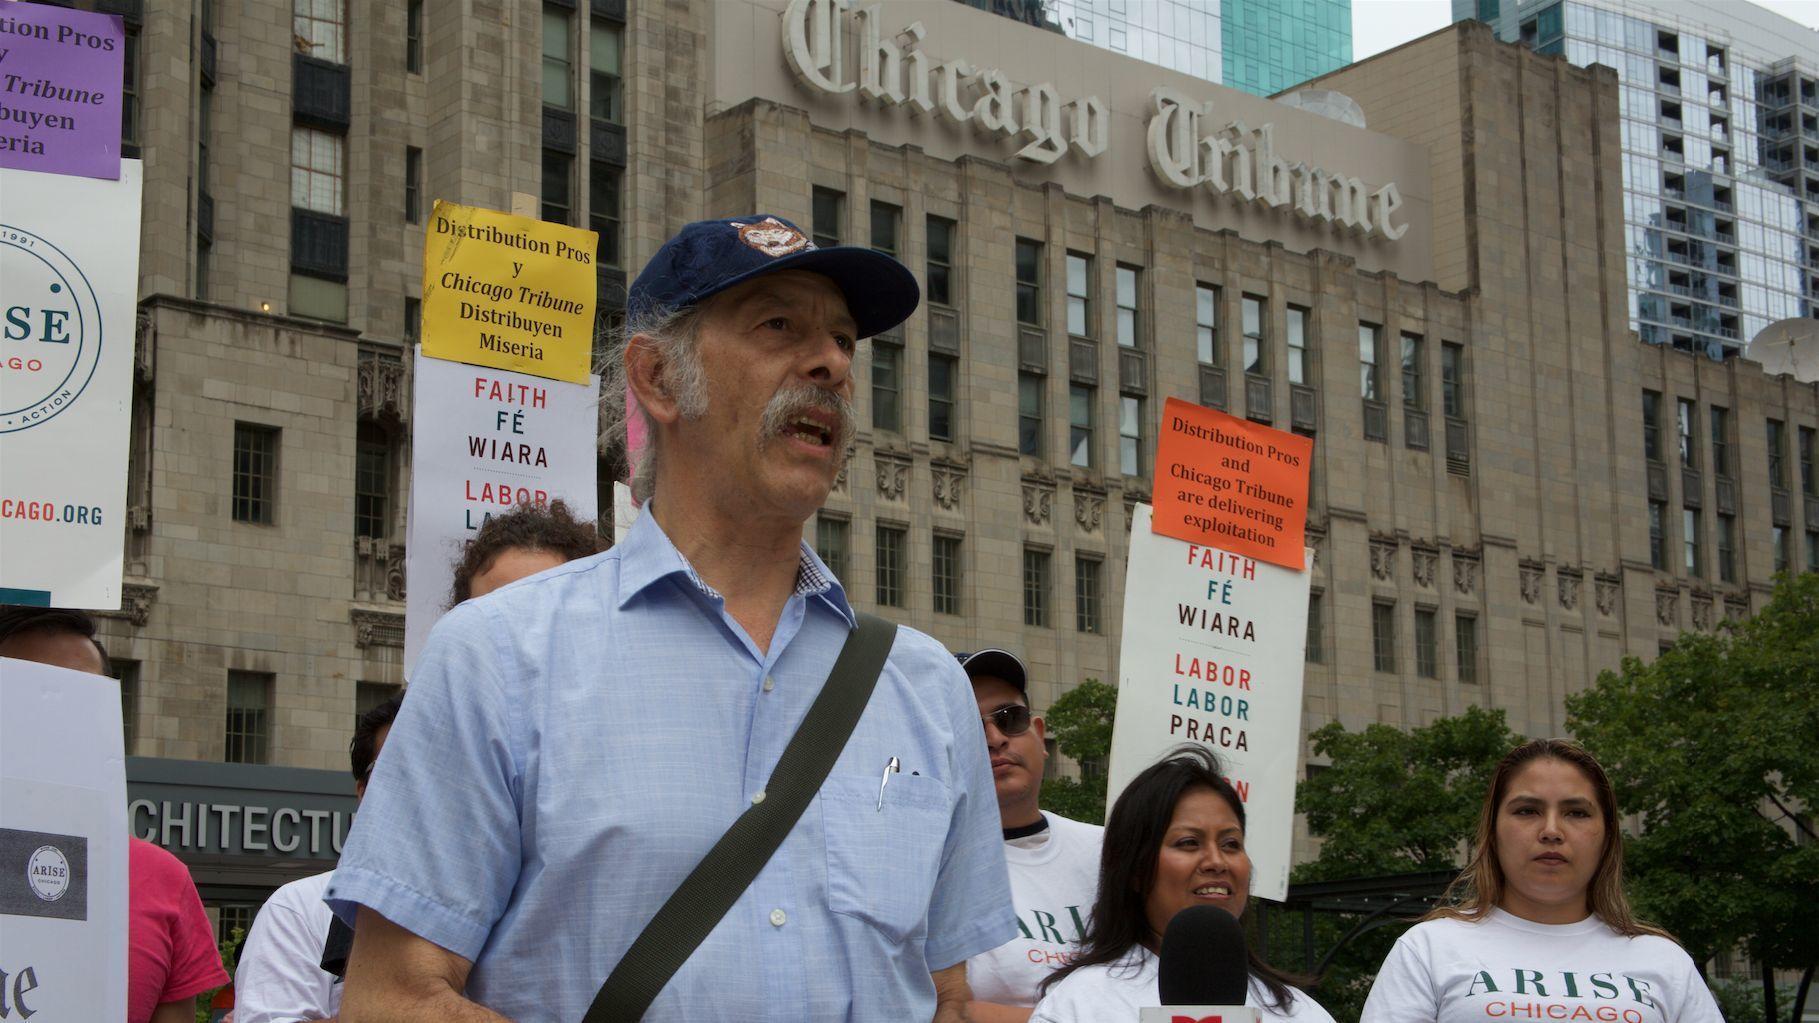 Ct-hoy-alfrente-repartidores-de-chicago-tribune-demandan-20180905